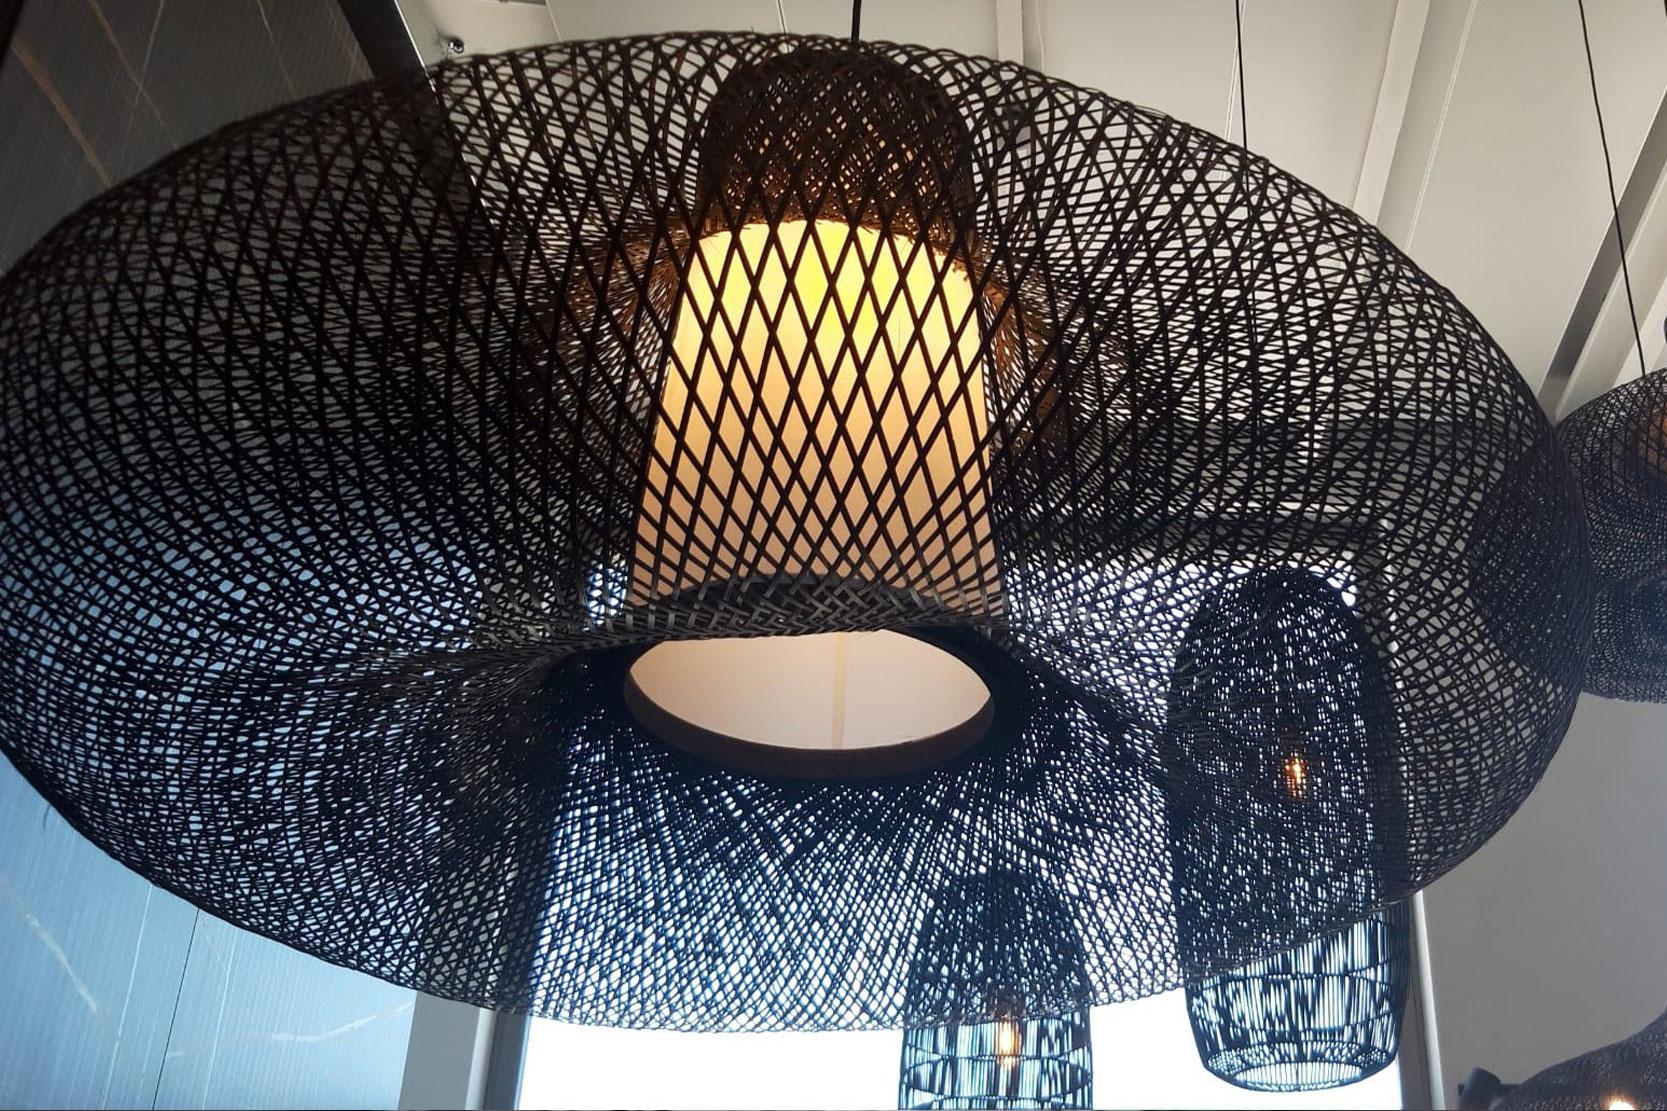 Kubo Deco, mobilier, décoration d'intérieur, Ay Illuminate, Morges, Suisse Romande, meubles contemporains